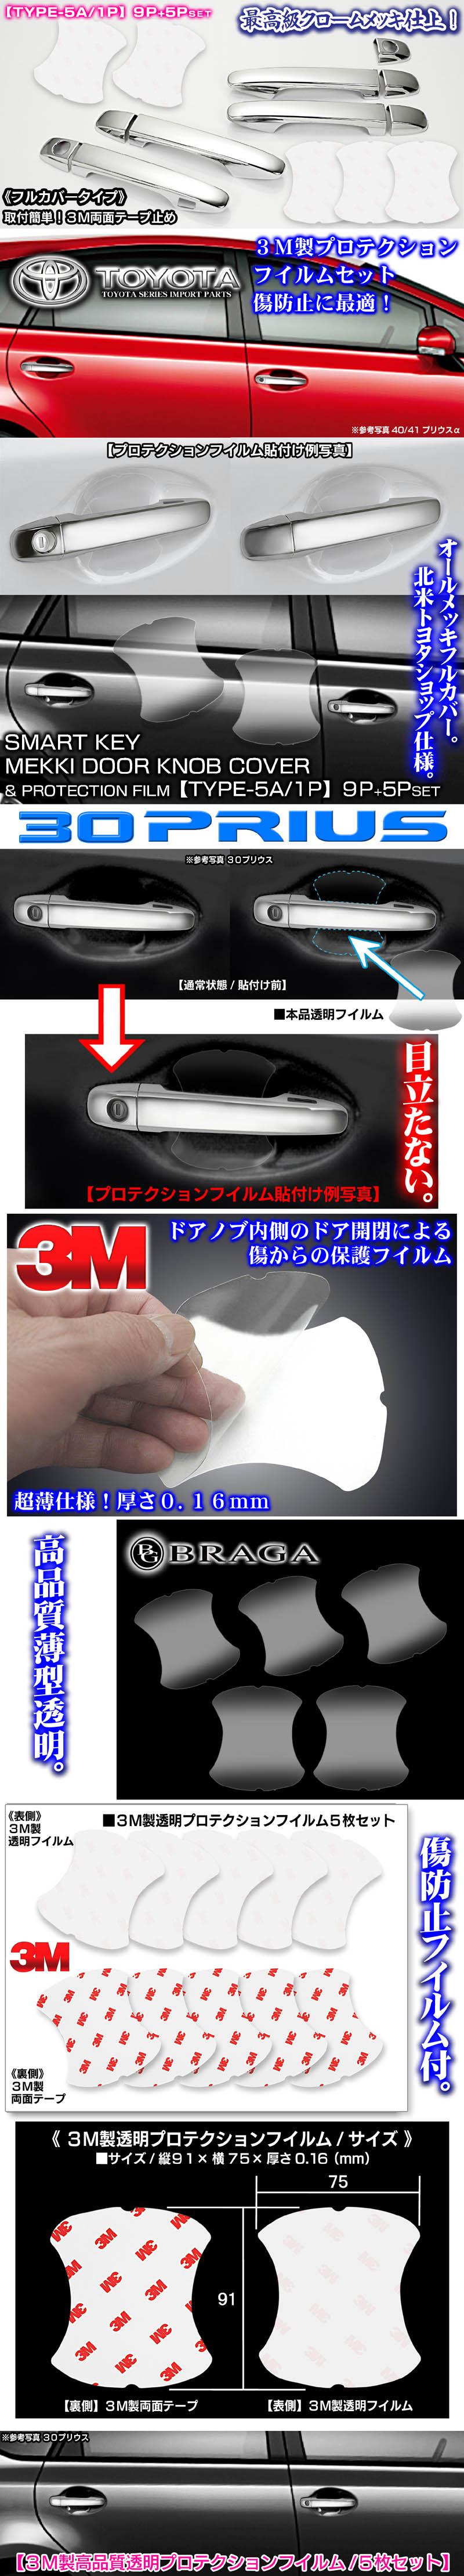 トヨタ/セダン車【タイプ5A/1P】メッキ ドアノブ/ハンドル カバー&保護透明フイルム[14点セット]スマートキー1個/ブラガ